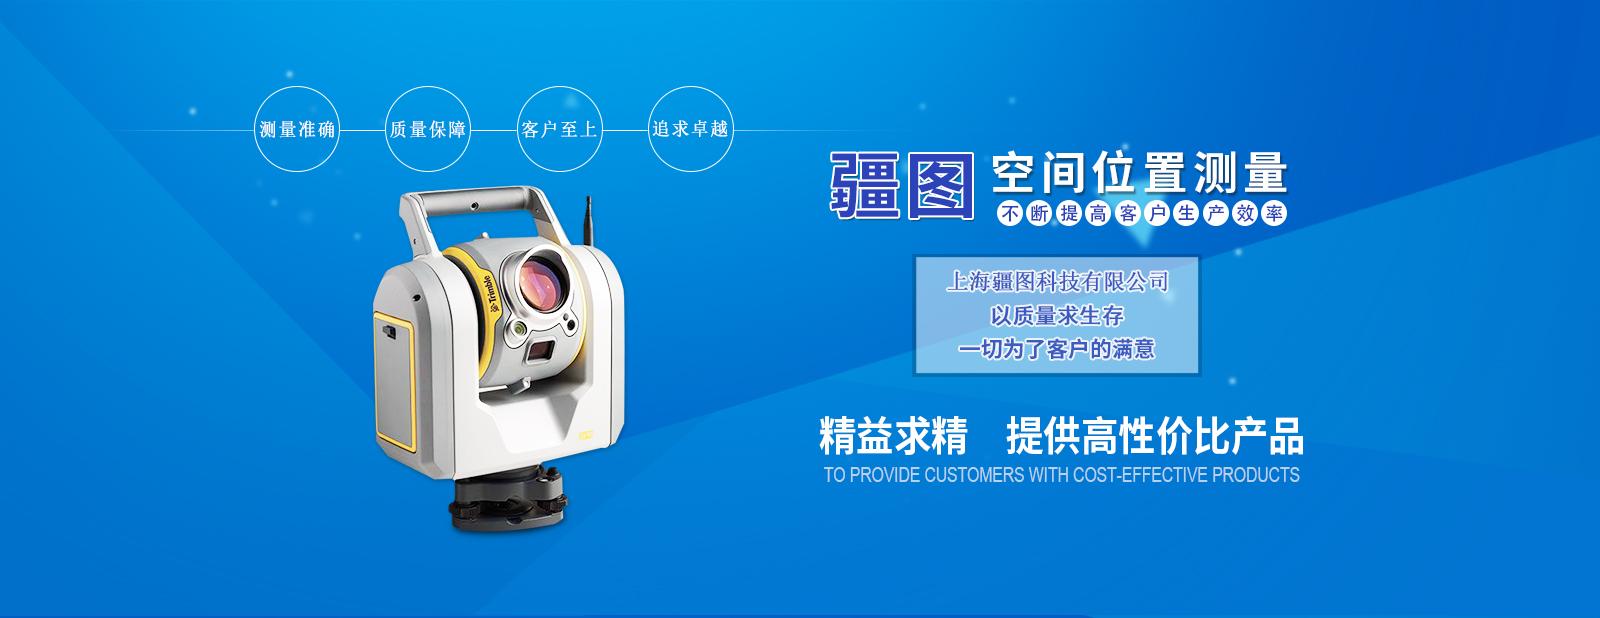 无人机倾斜摄影测量系统